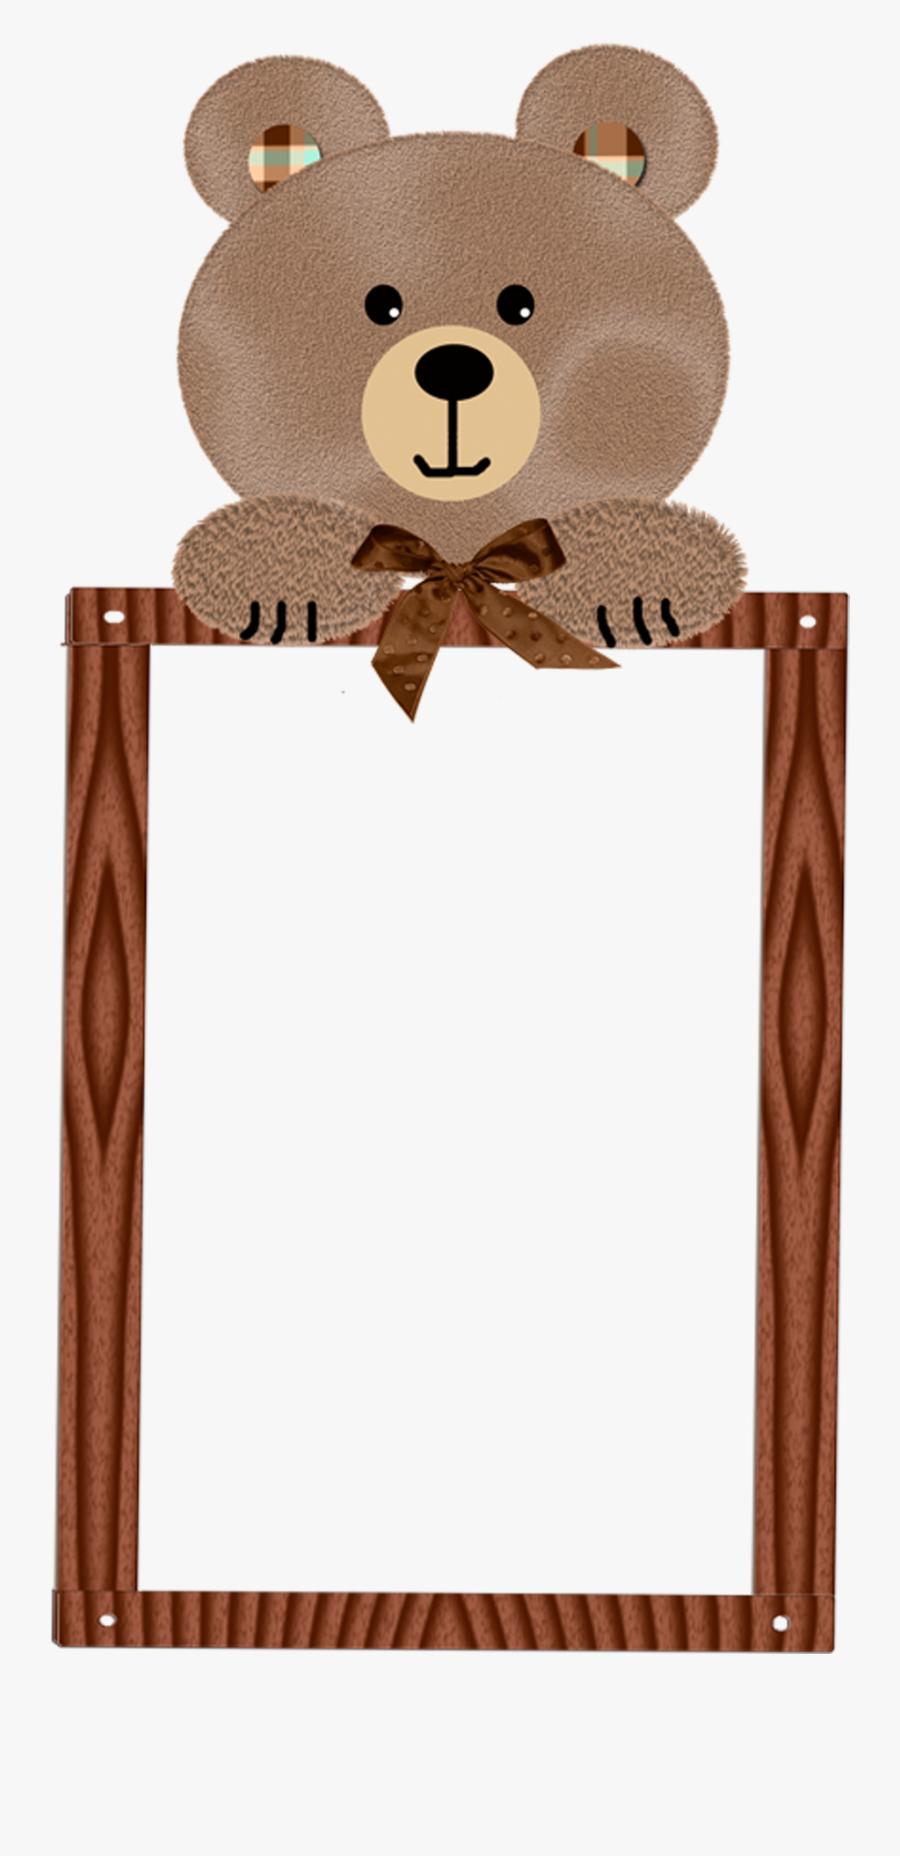 Frame Teddy Bear Border, Transparent Clipart